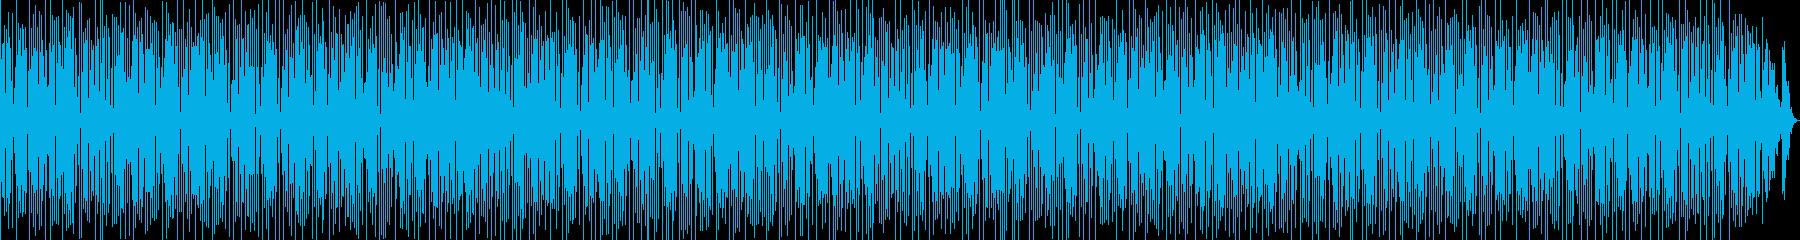 東京メロウNuJazzの再生済みの波形